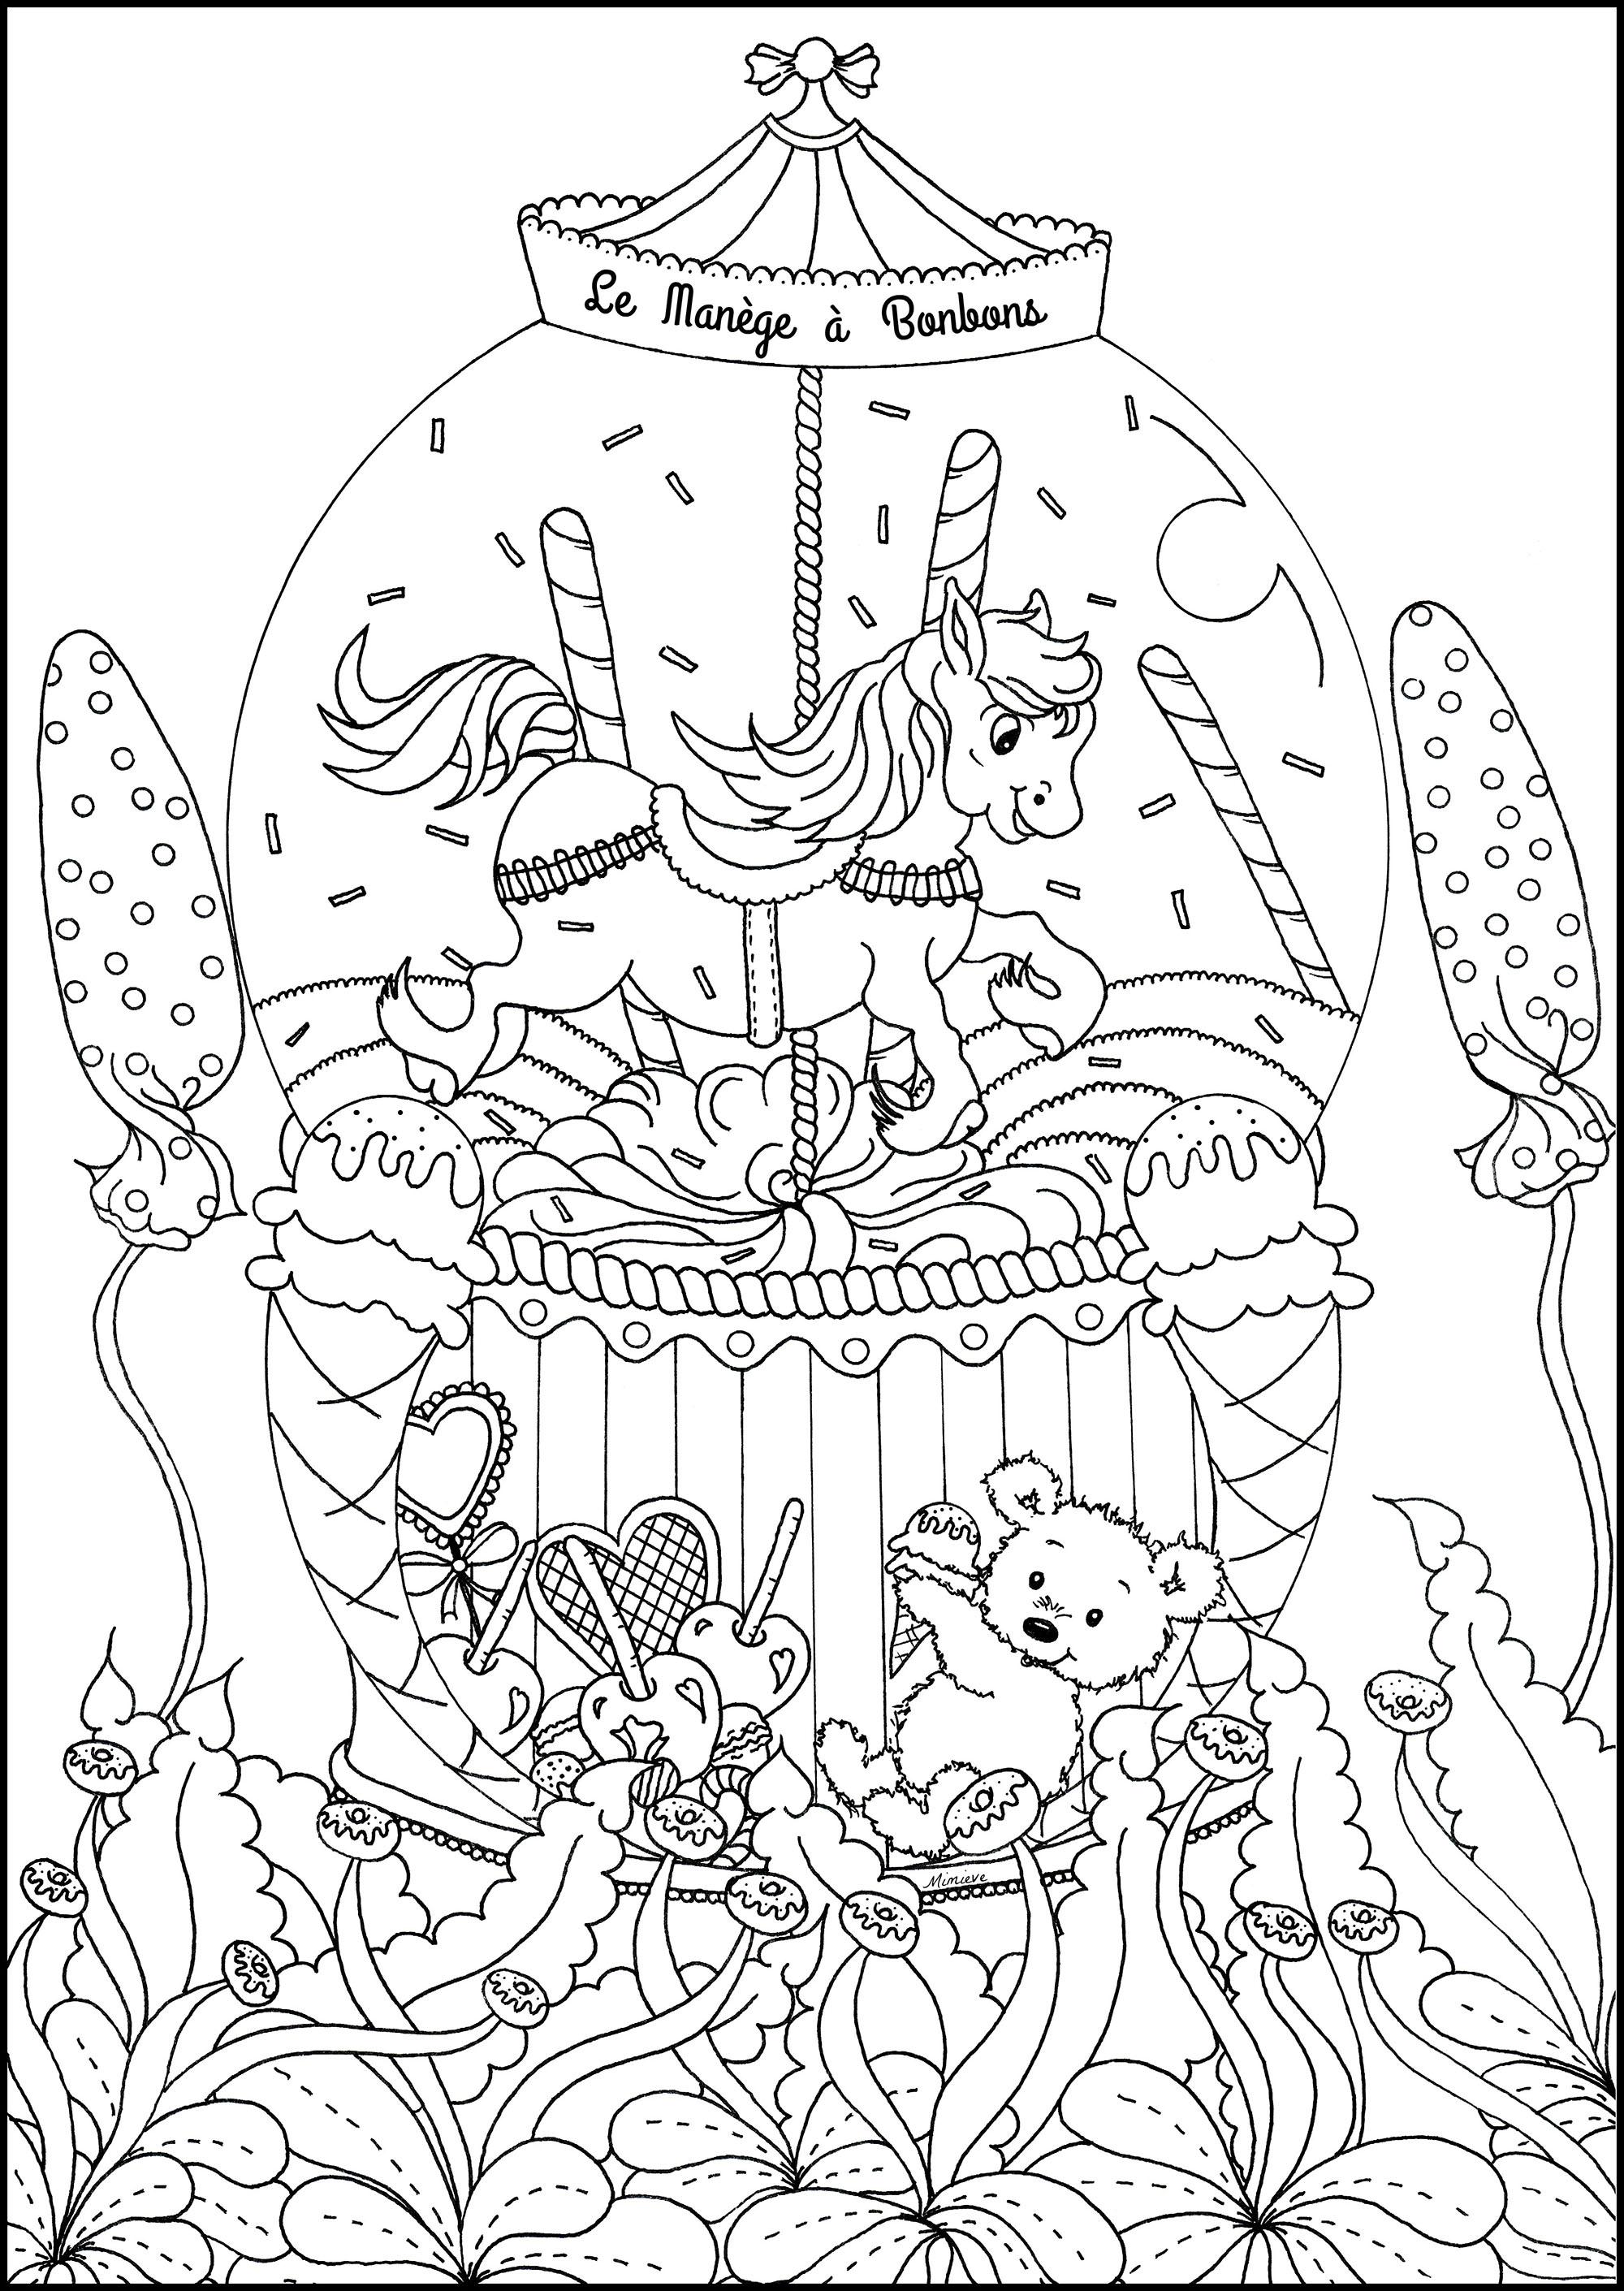 Schön Pinocchio Malbuch Bilder - Malvorlagen Von Tieren - ngadi.info